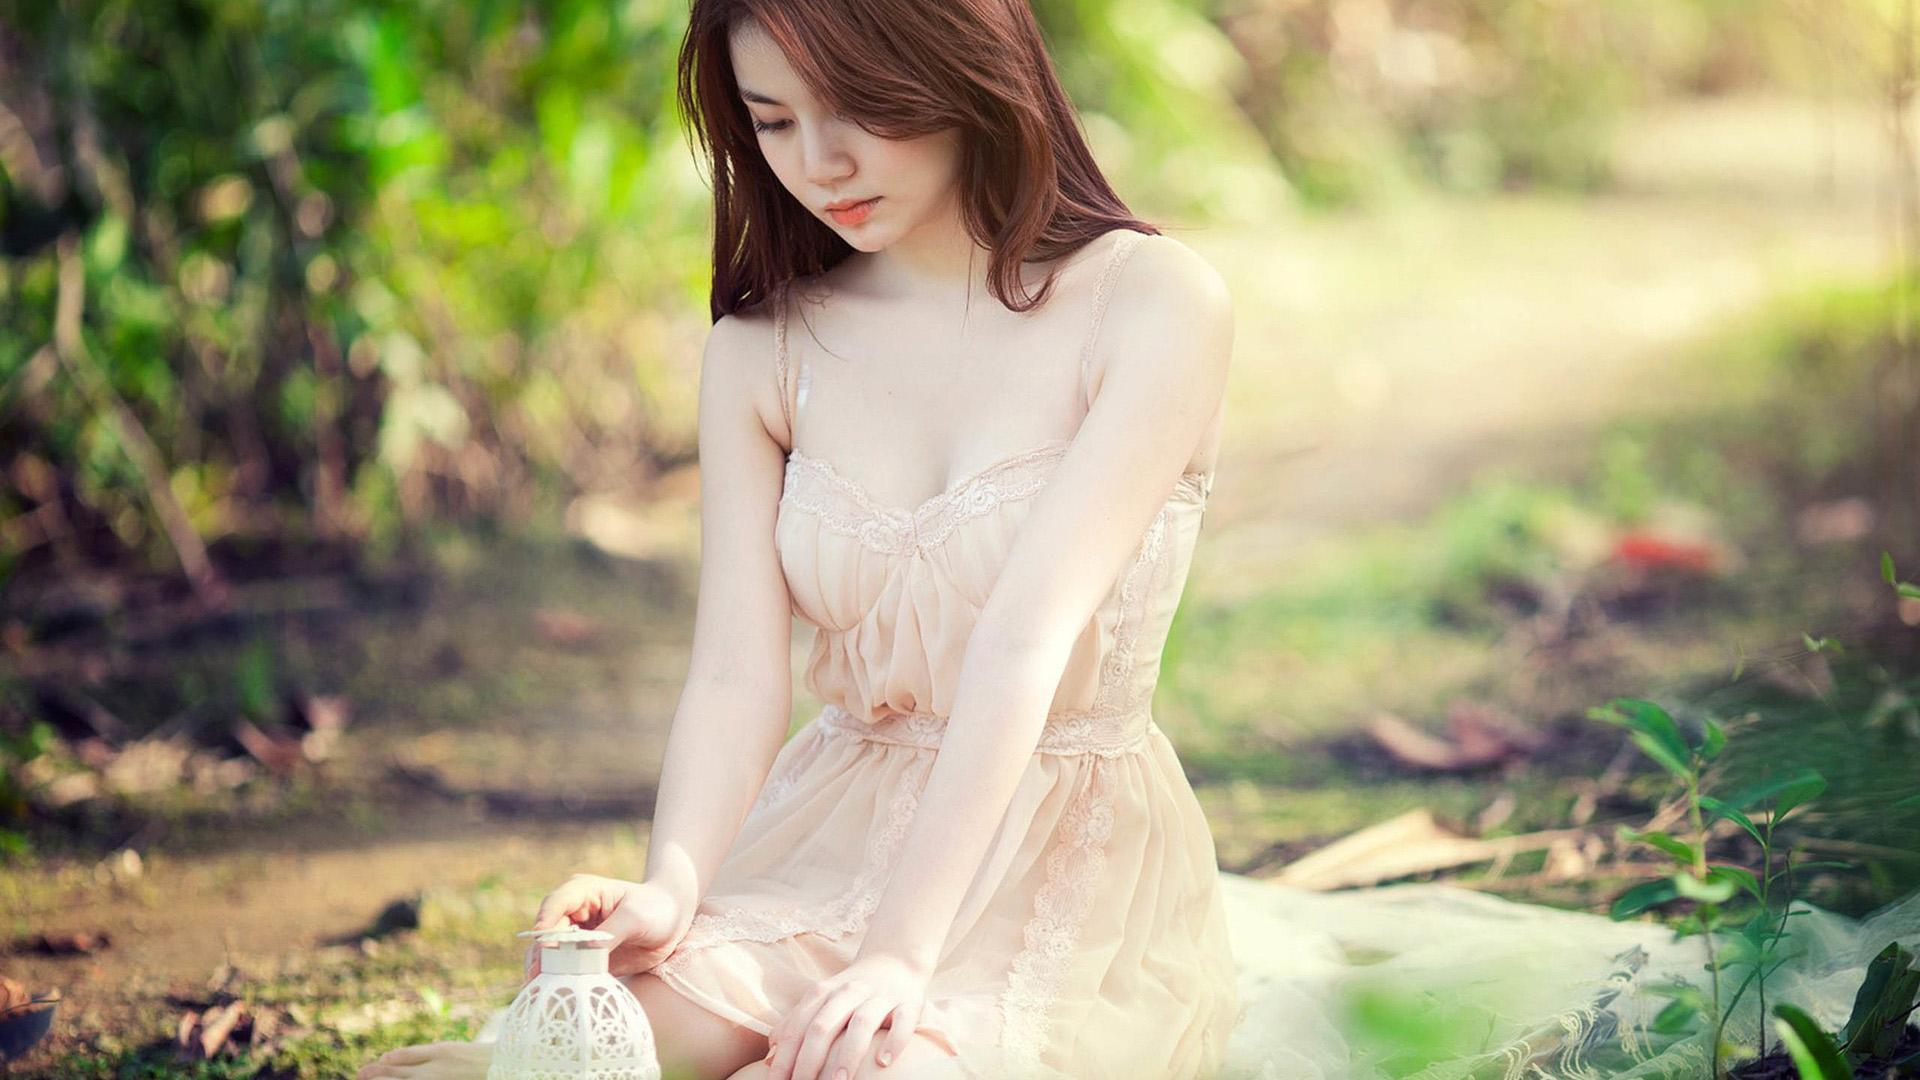 women outdoors redhead model long hair women asian photography